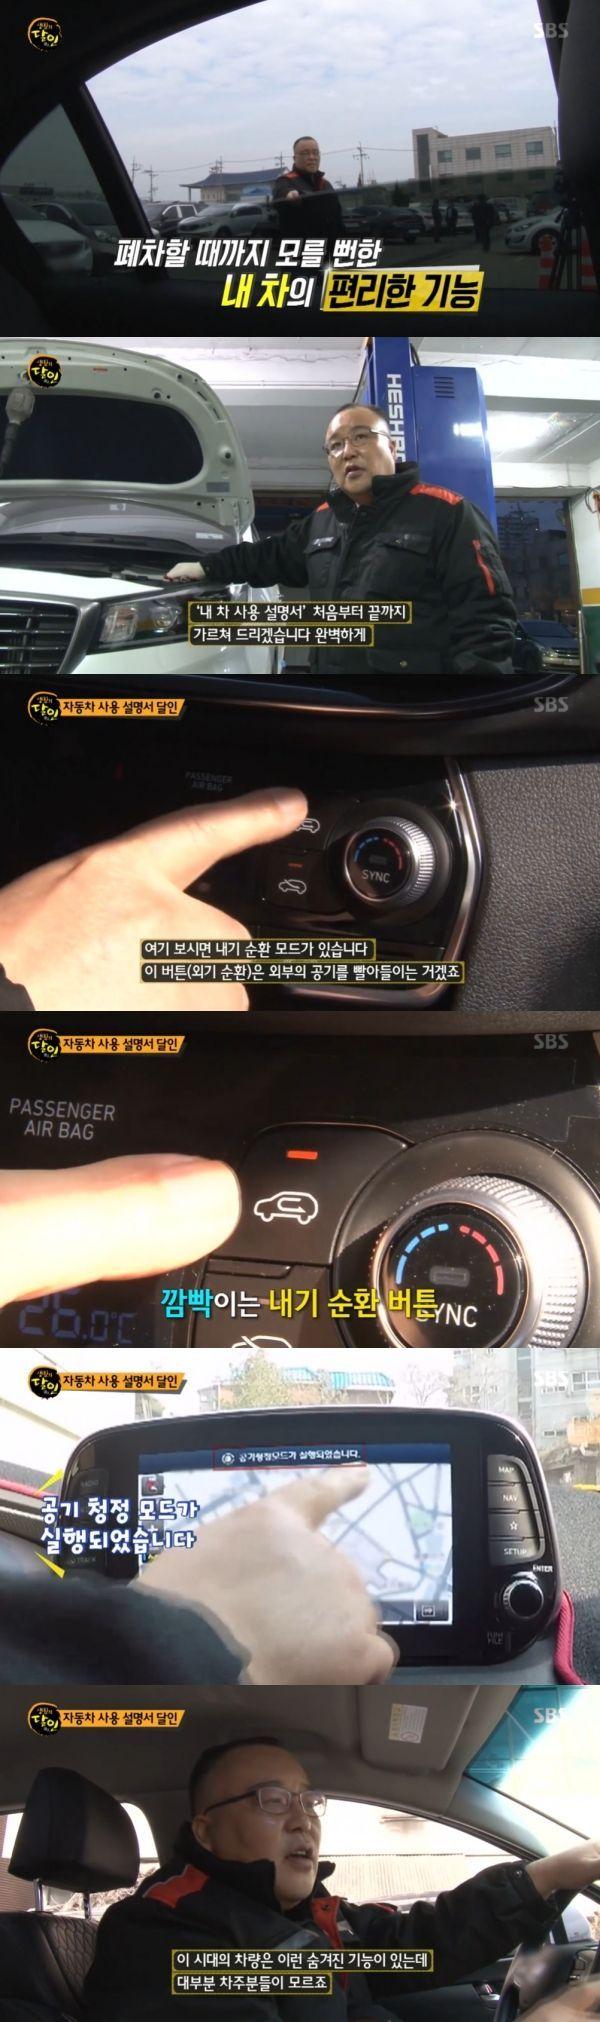 스브스夜 생활의 달인 자동차 매뉴얼 달인이 소개한 숨은 기능들 Sbs연예뉴스 Sbsstar Entertainmentnews 2020 자동차 차량 차